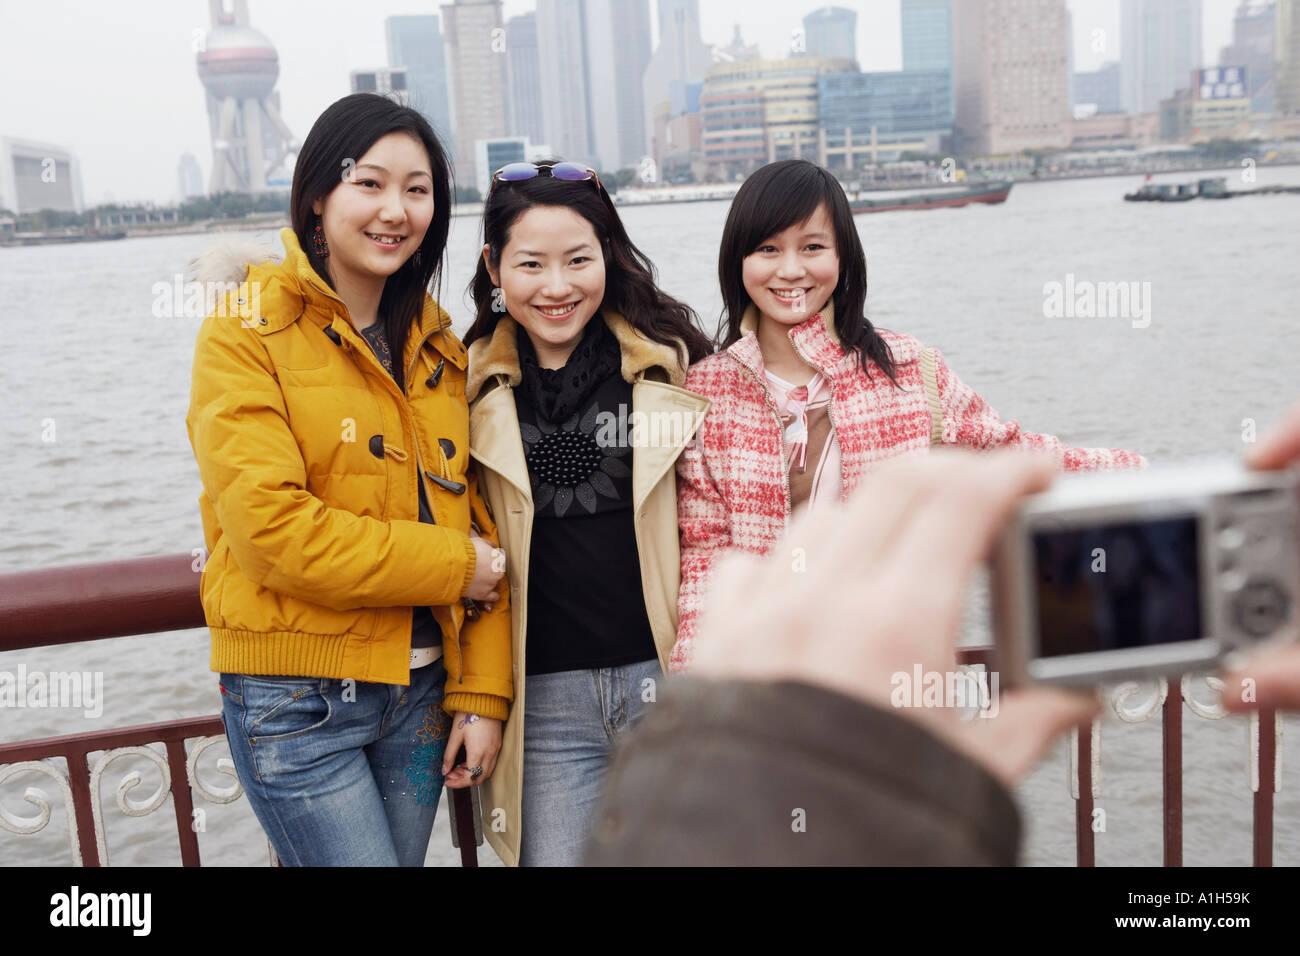 Trois jeunes femmes posant Photo Stock